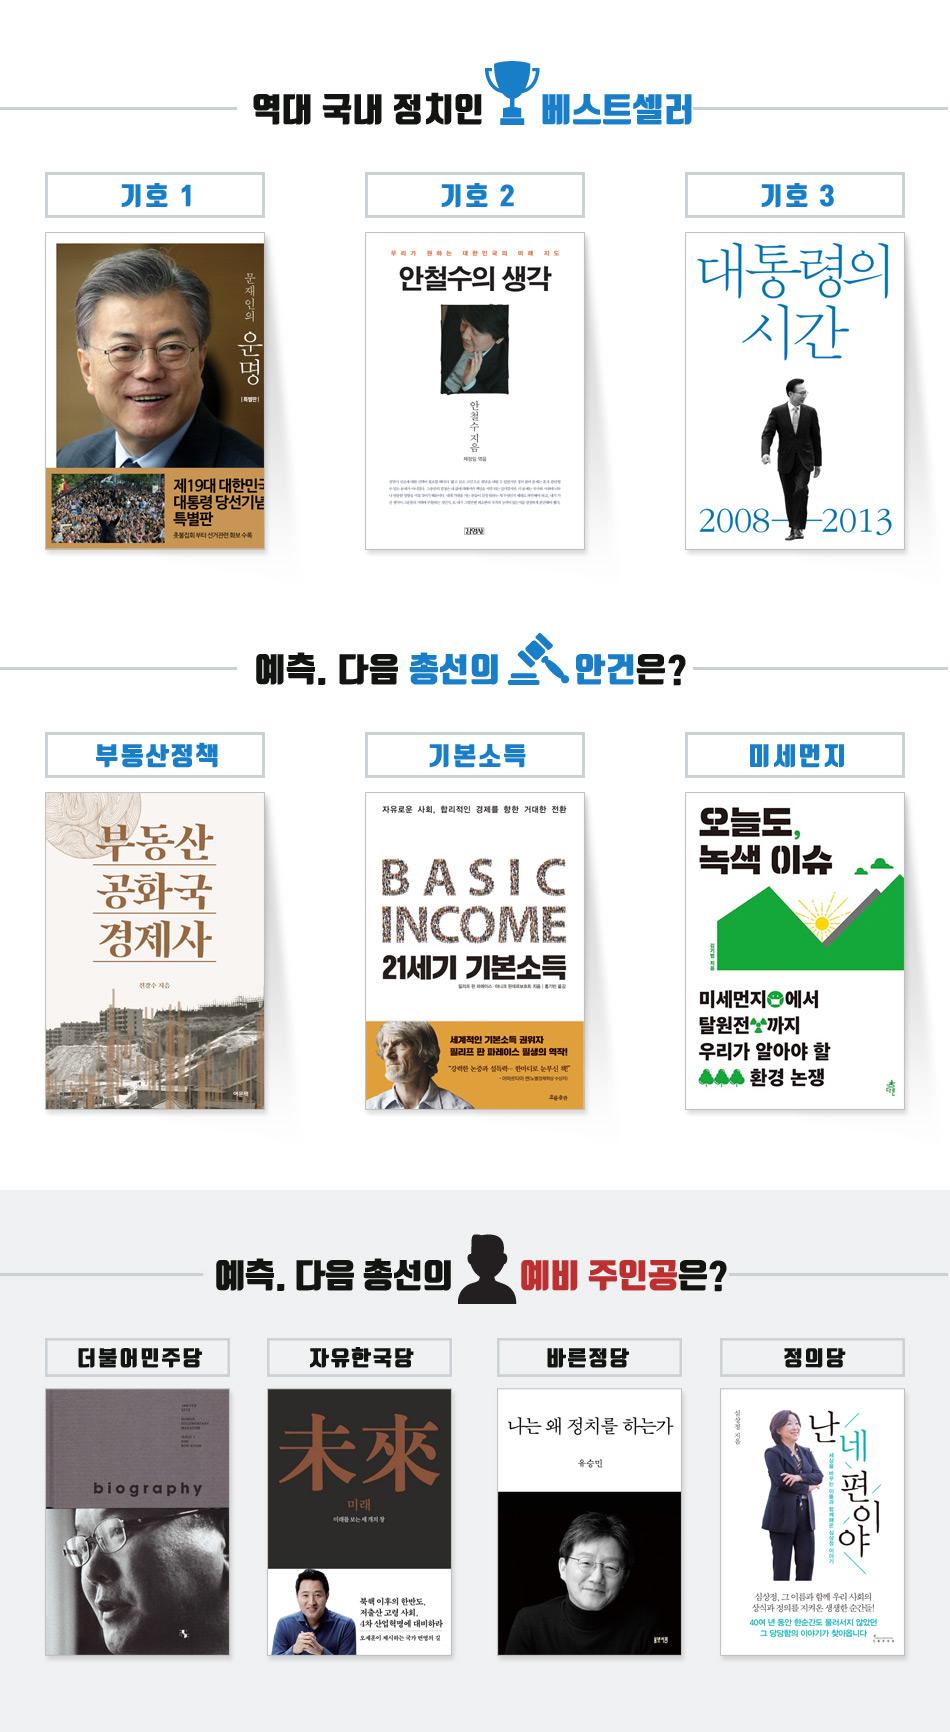 역대 국내 정치인 베스트셀러